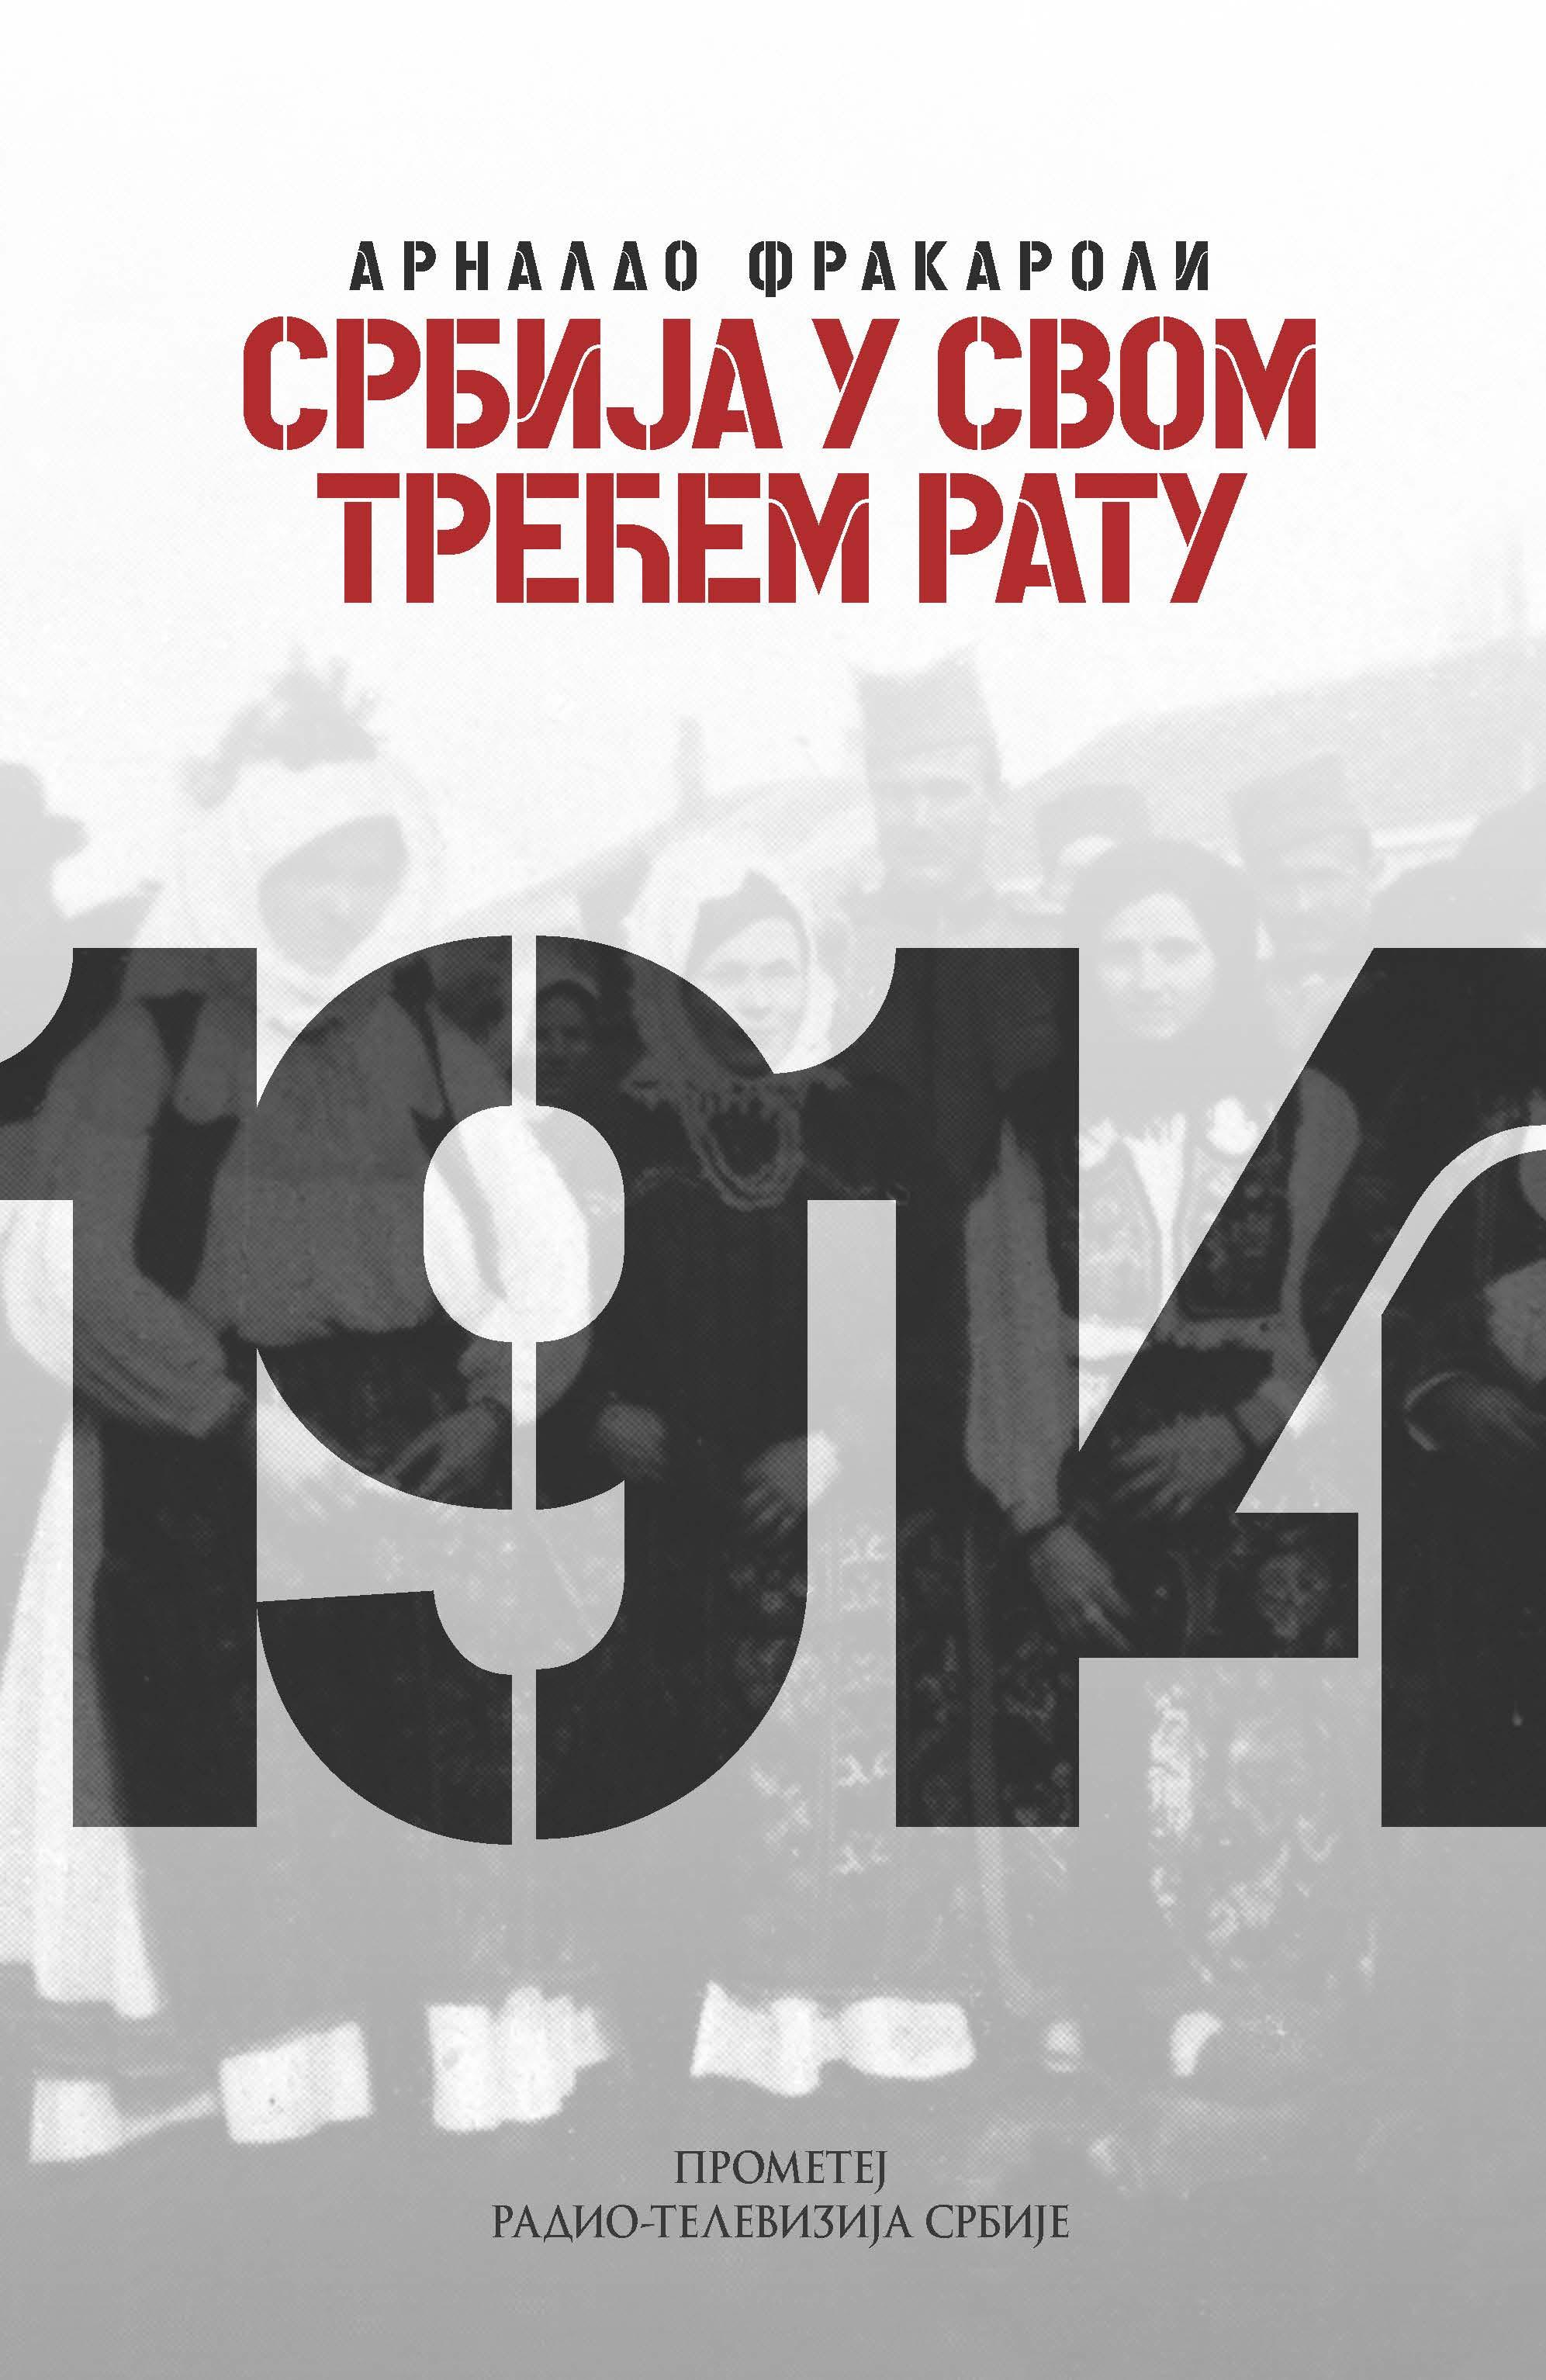 Srbija u svom trećem ratu